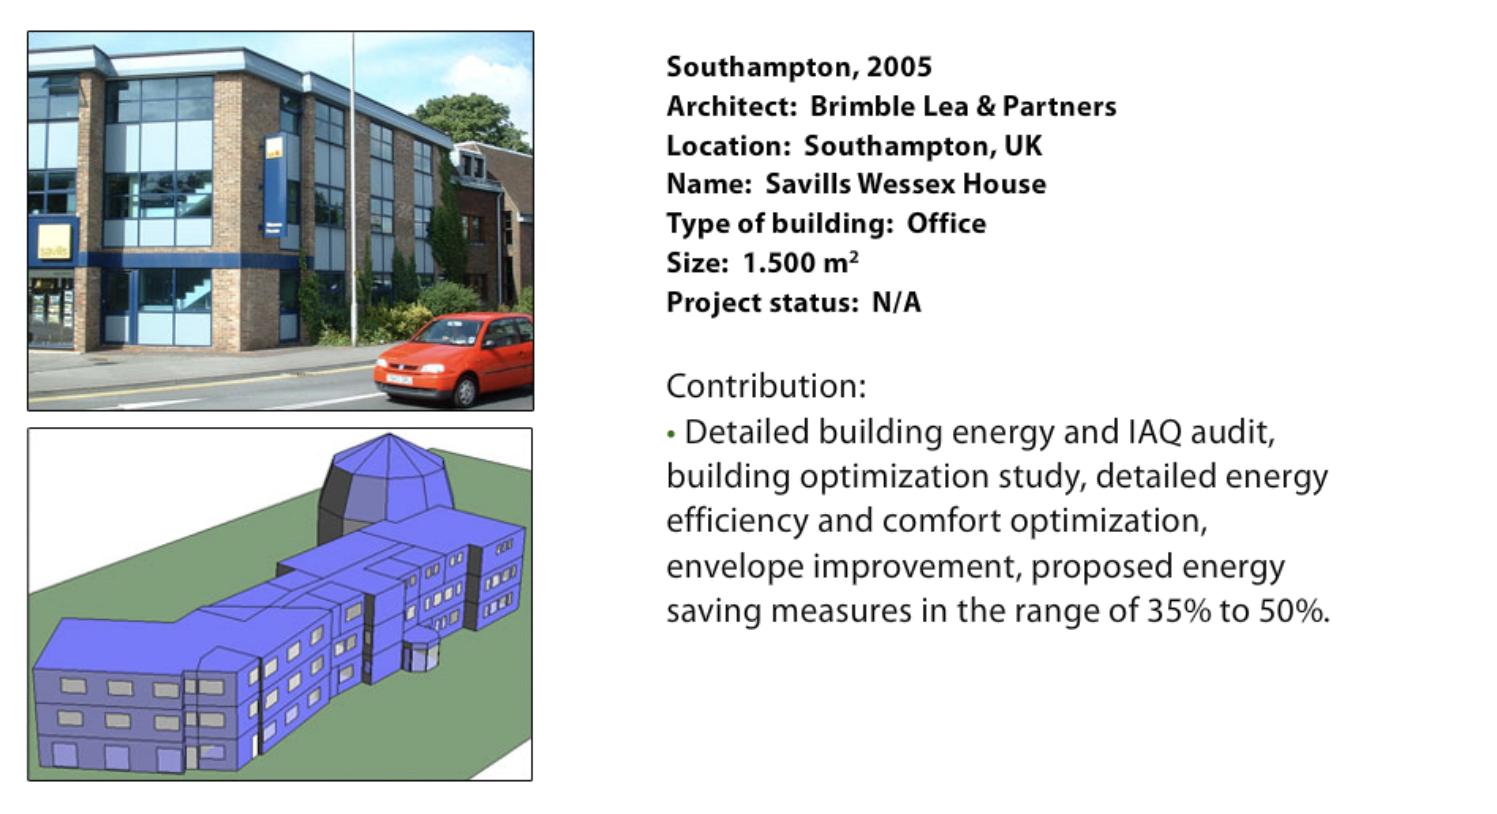 Southampton_2005